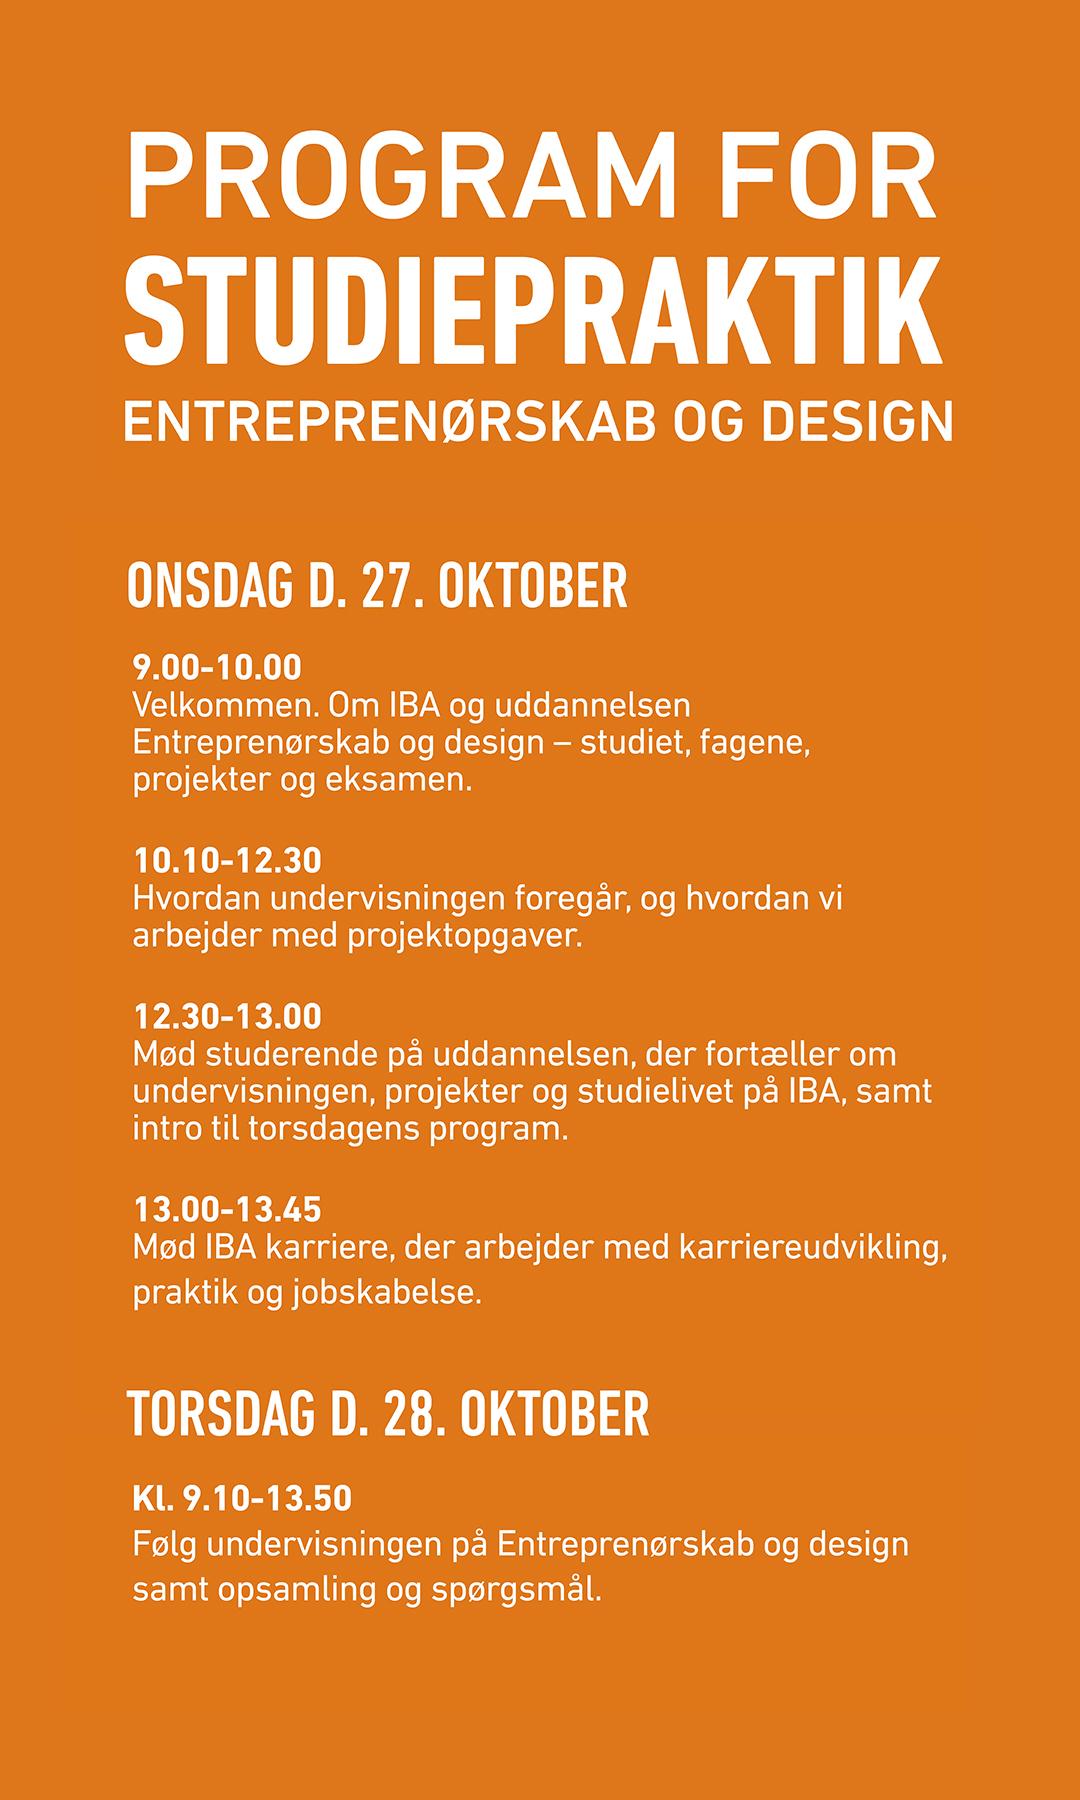 Program for Studiepraktik for Entreprenørskab og Design.